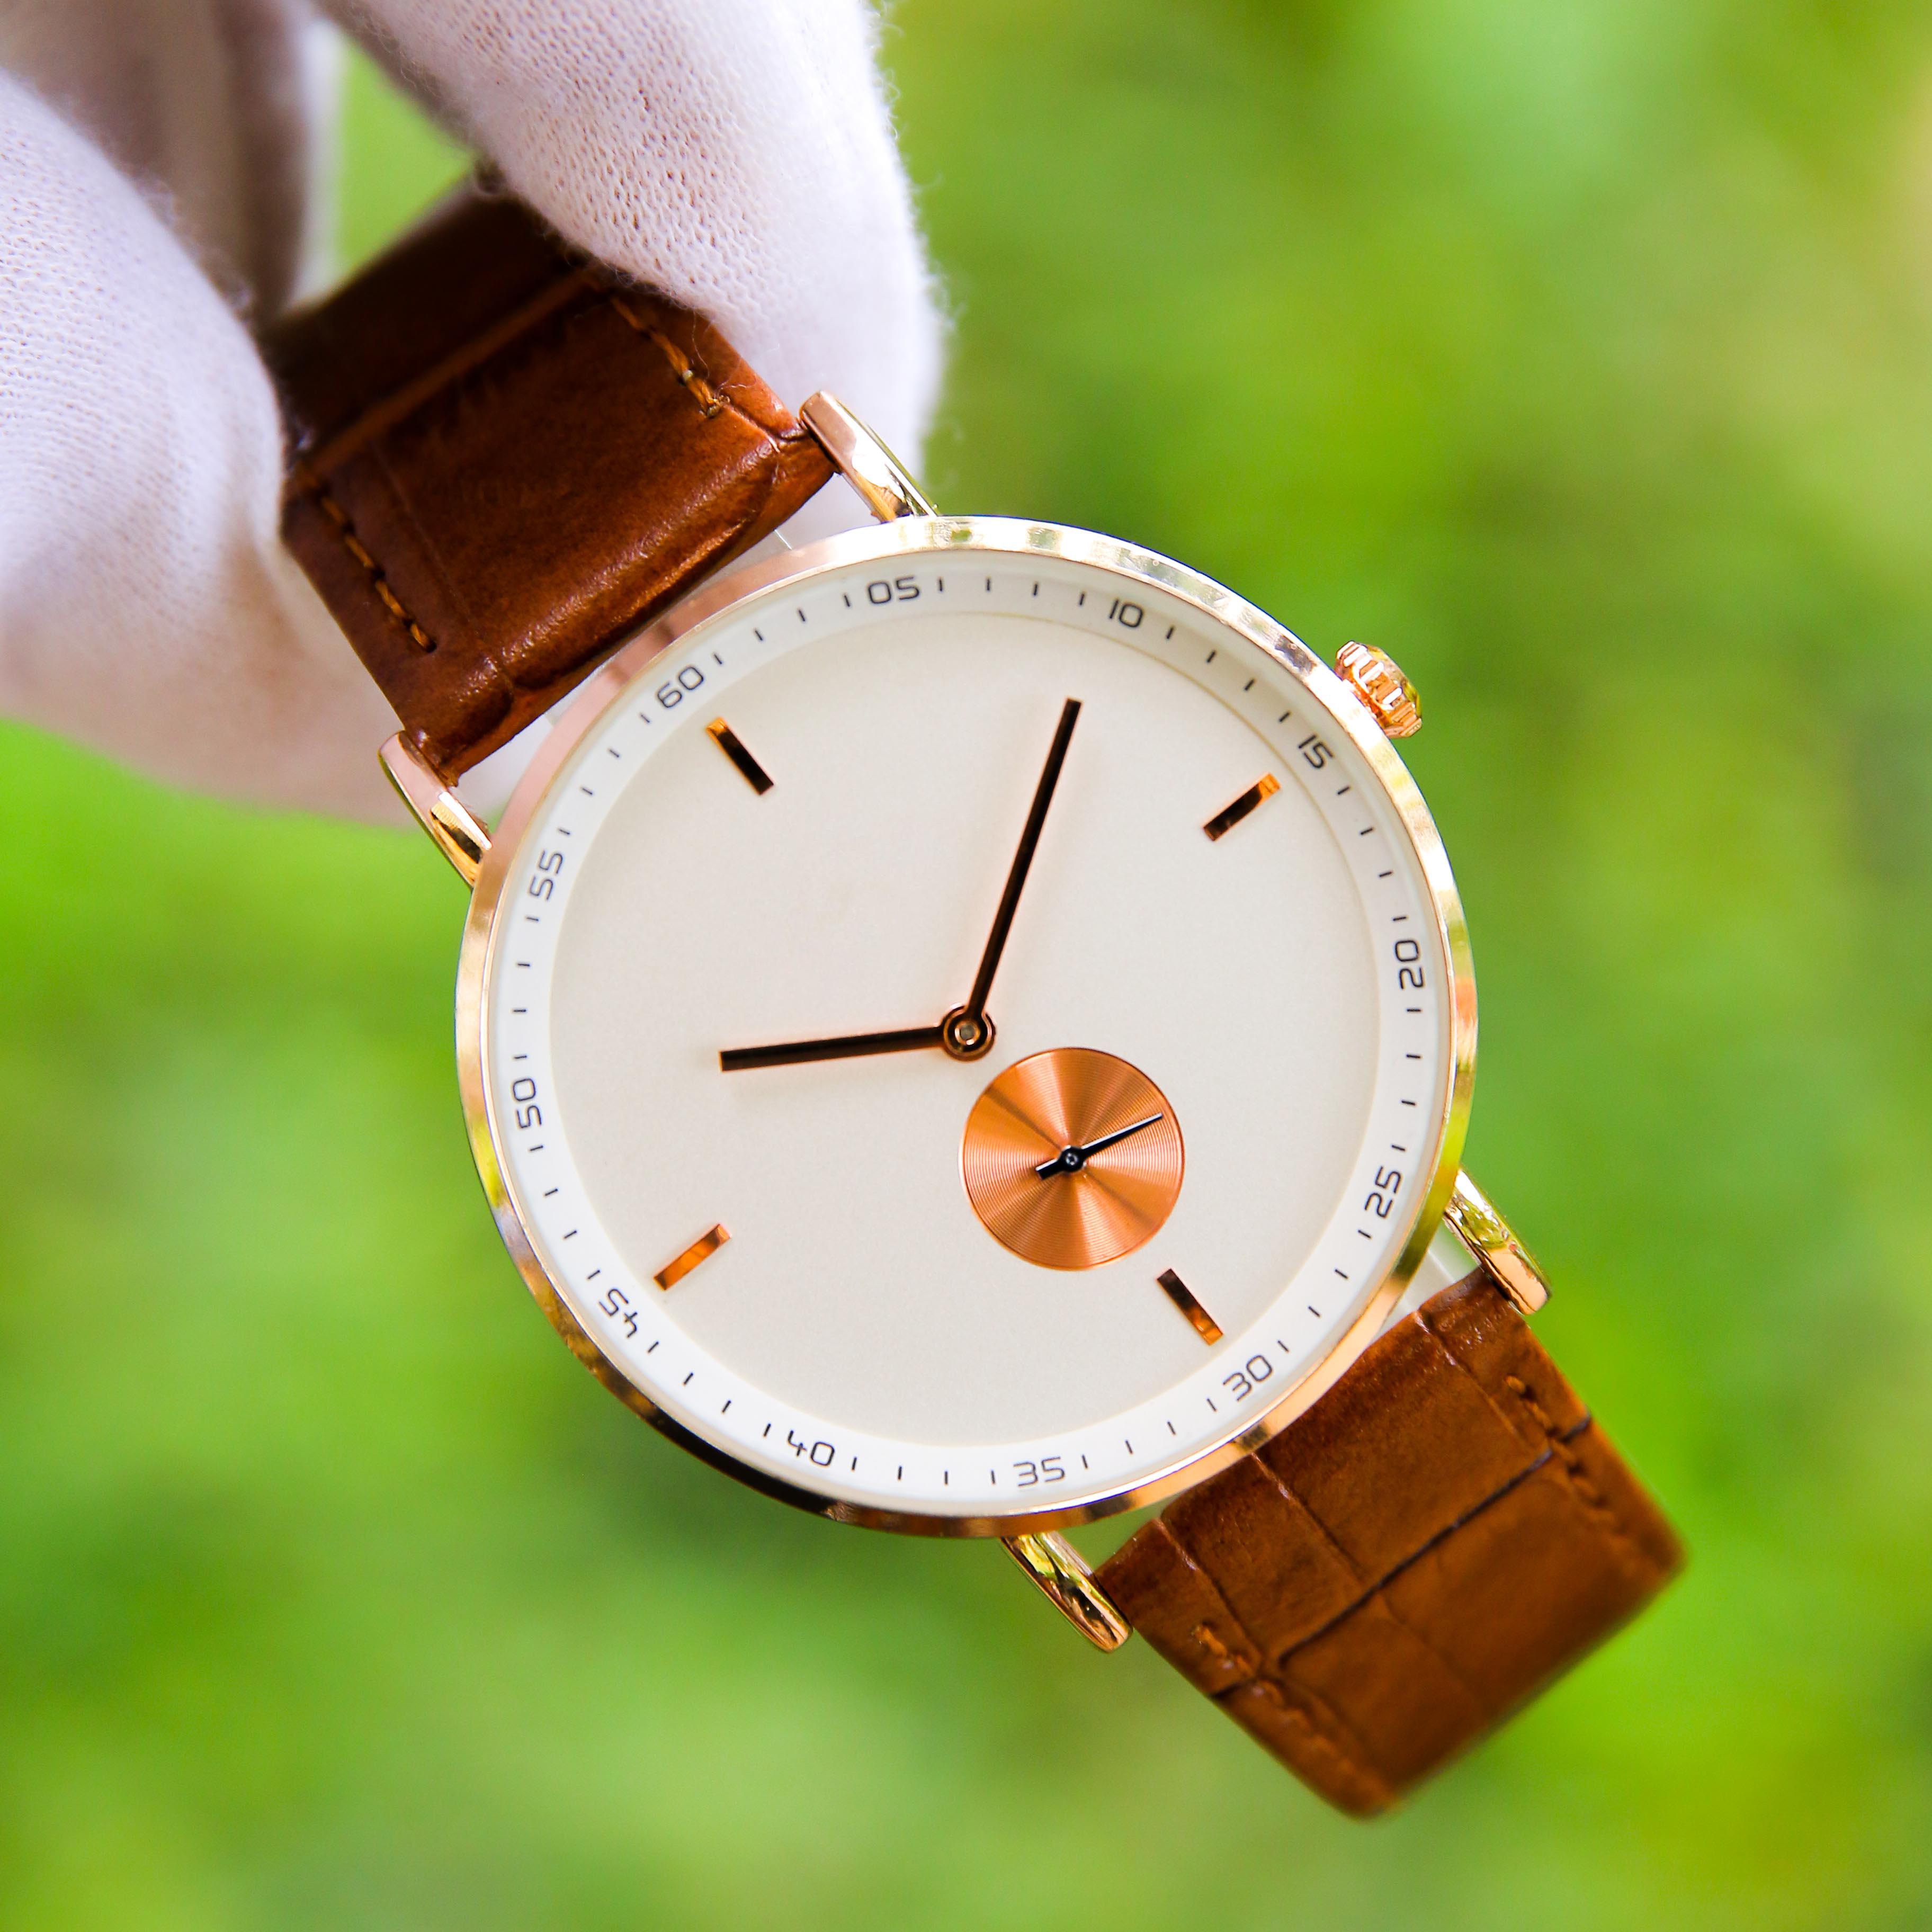 Đồng hồ nam cao cấp OP00002N - Thiết kế dây da sang trọng, lịch lãm - Phù hợp đi làm, đi chơi - Mặt kính chống nước, chống xước